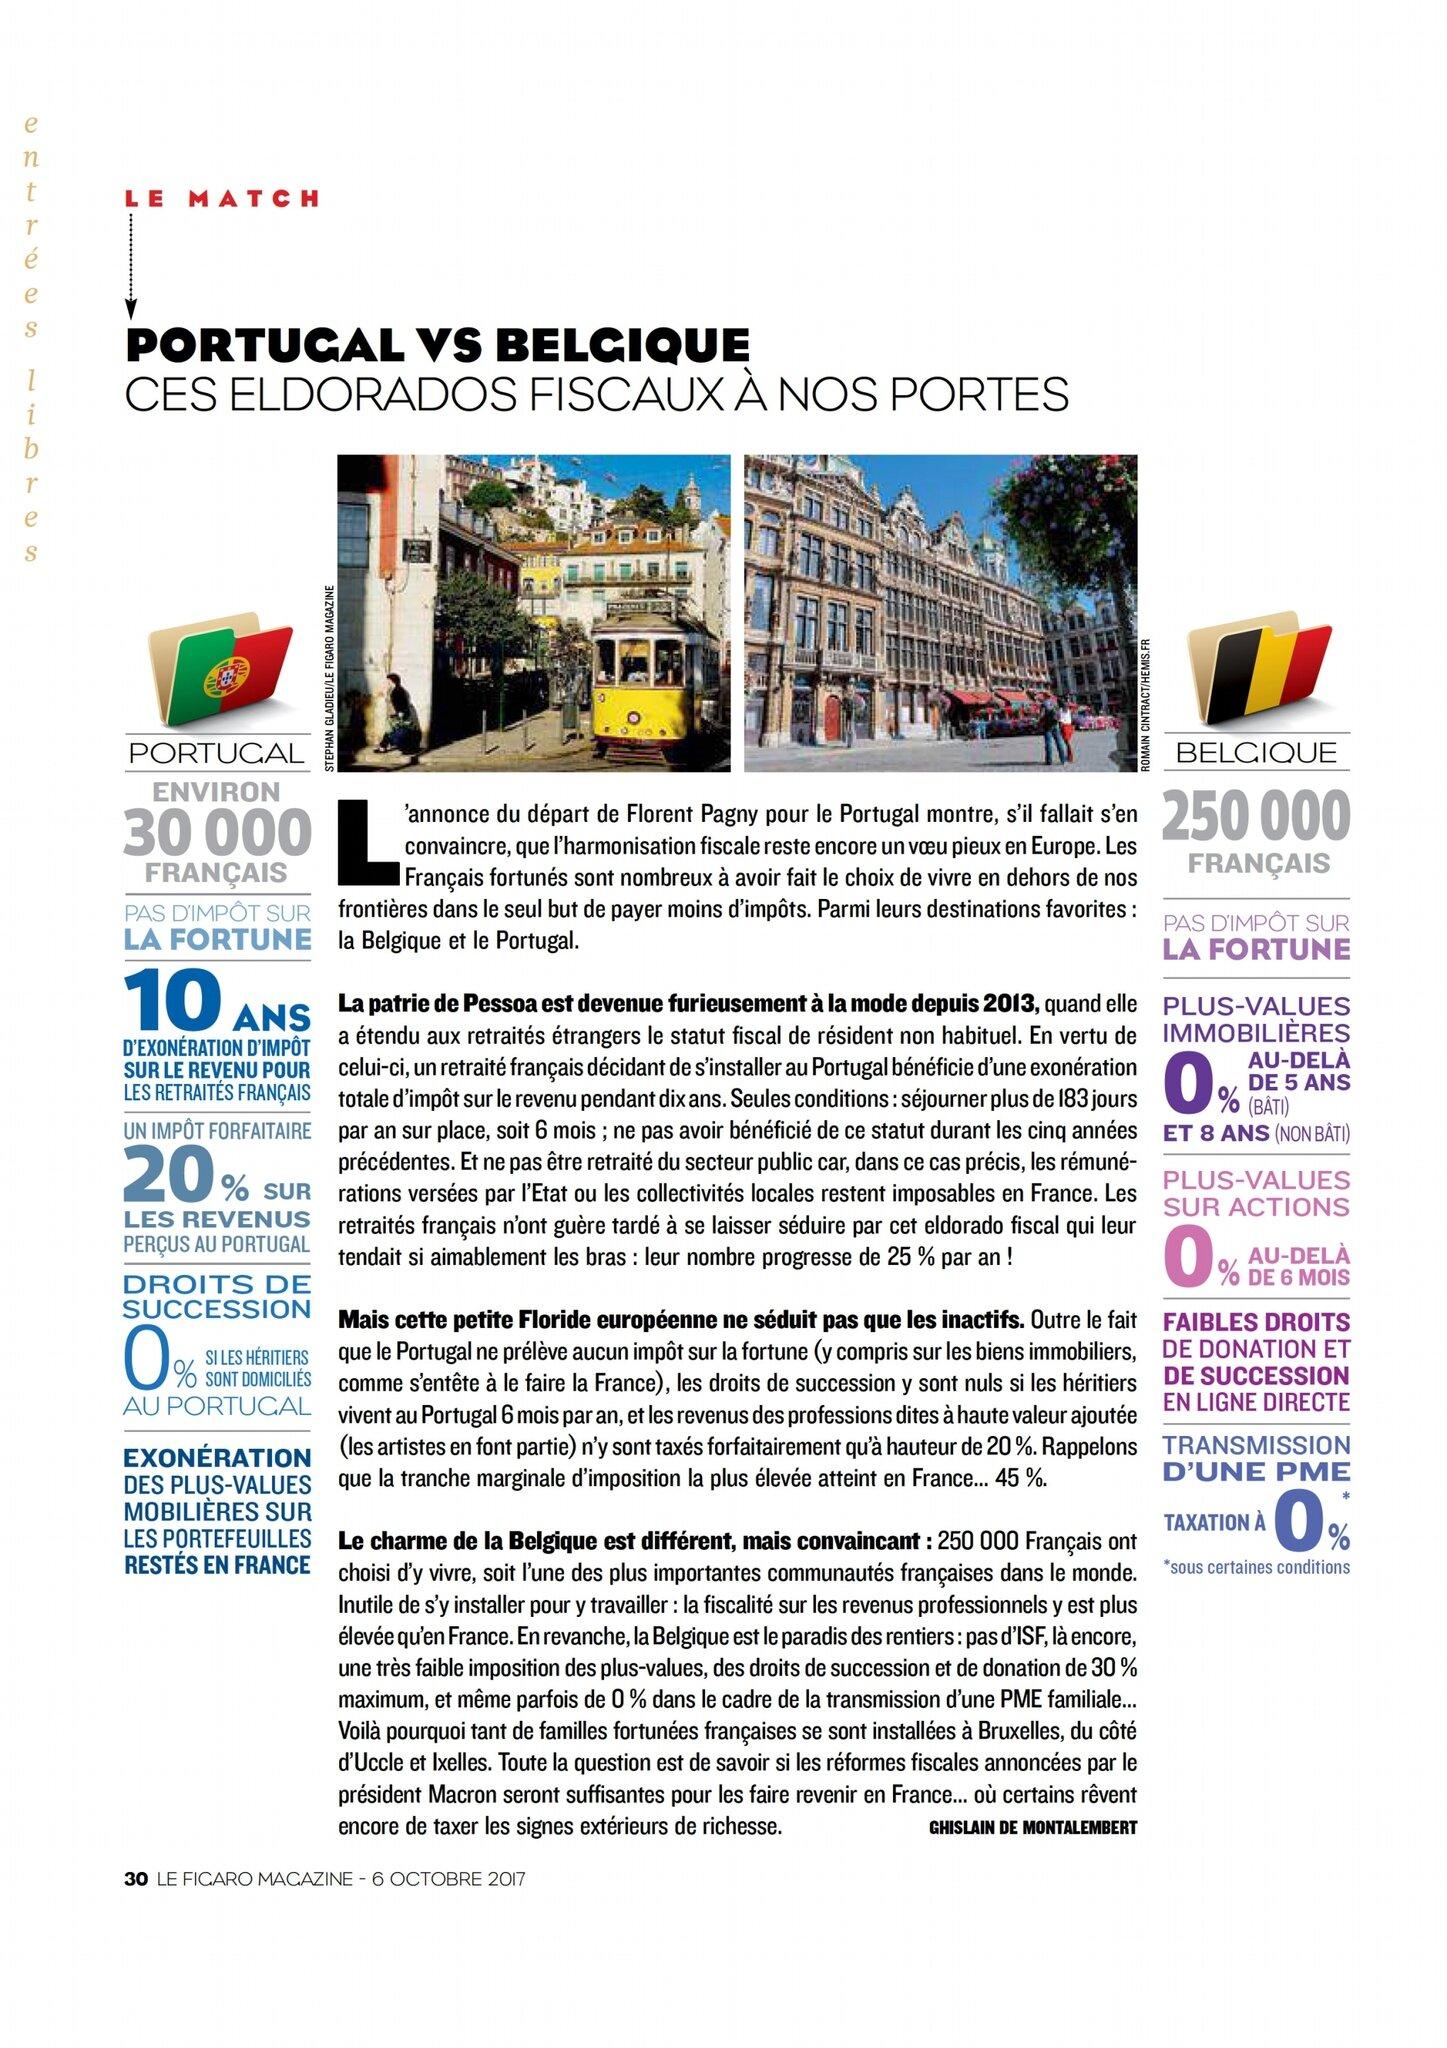 portugale vs belgique impôt